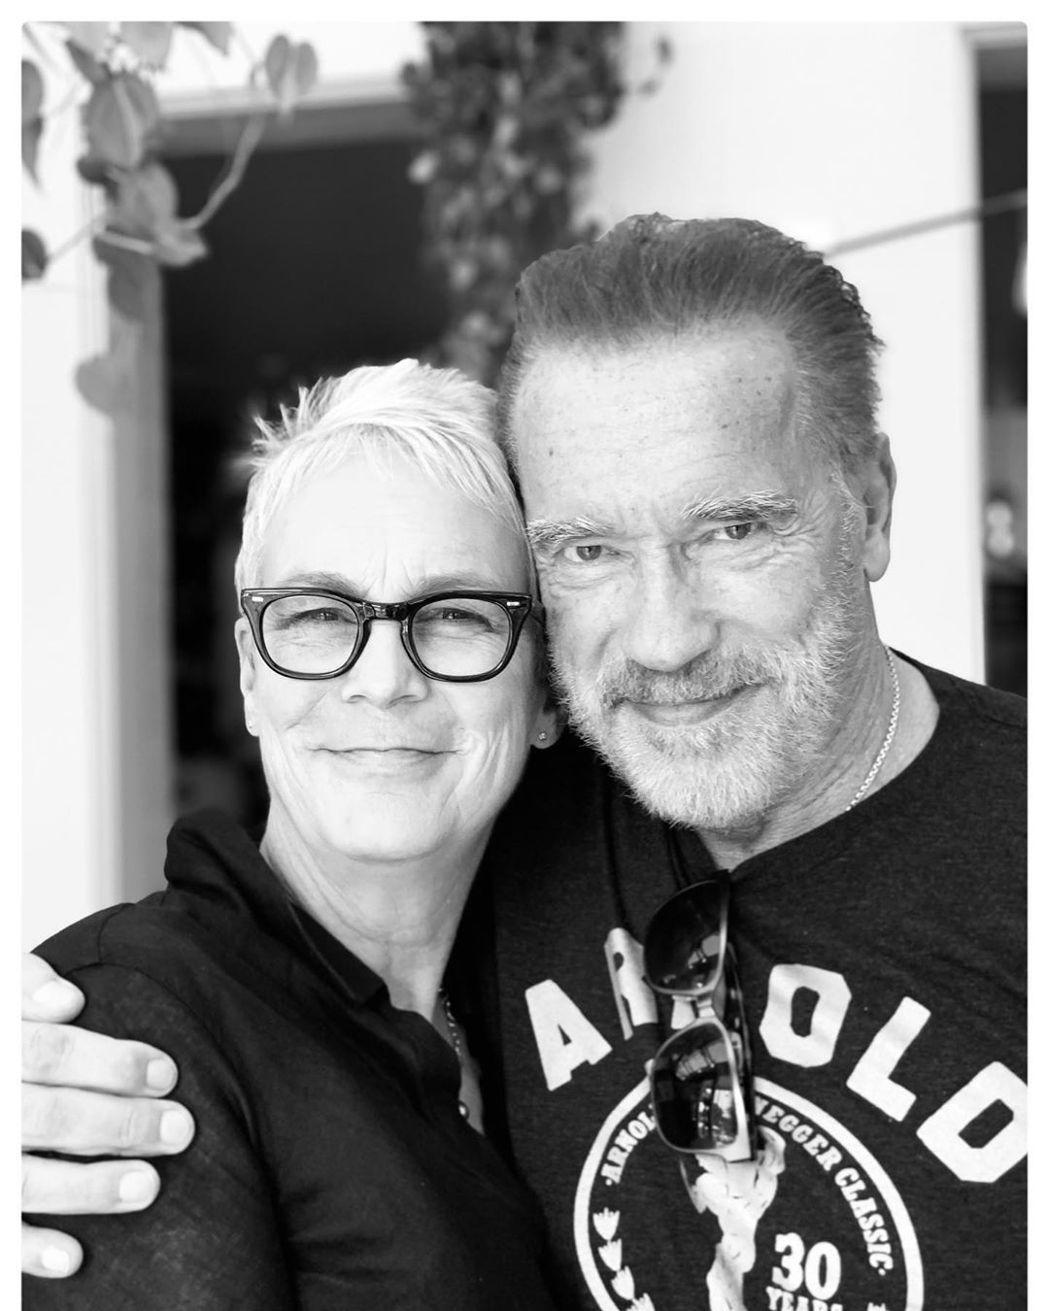 阿諾史瓦辛格與潔美李寇蒂斯25年後再重逢。圖/摘自Instagram